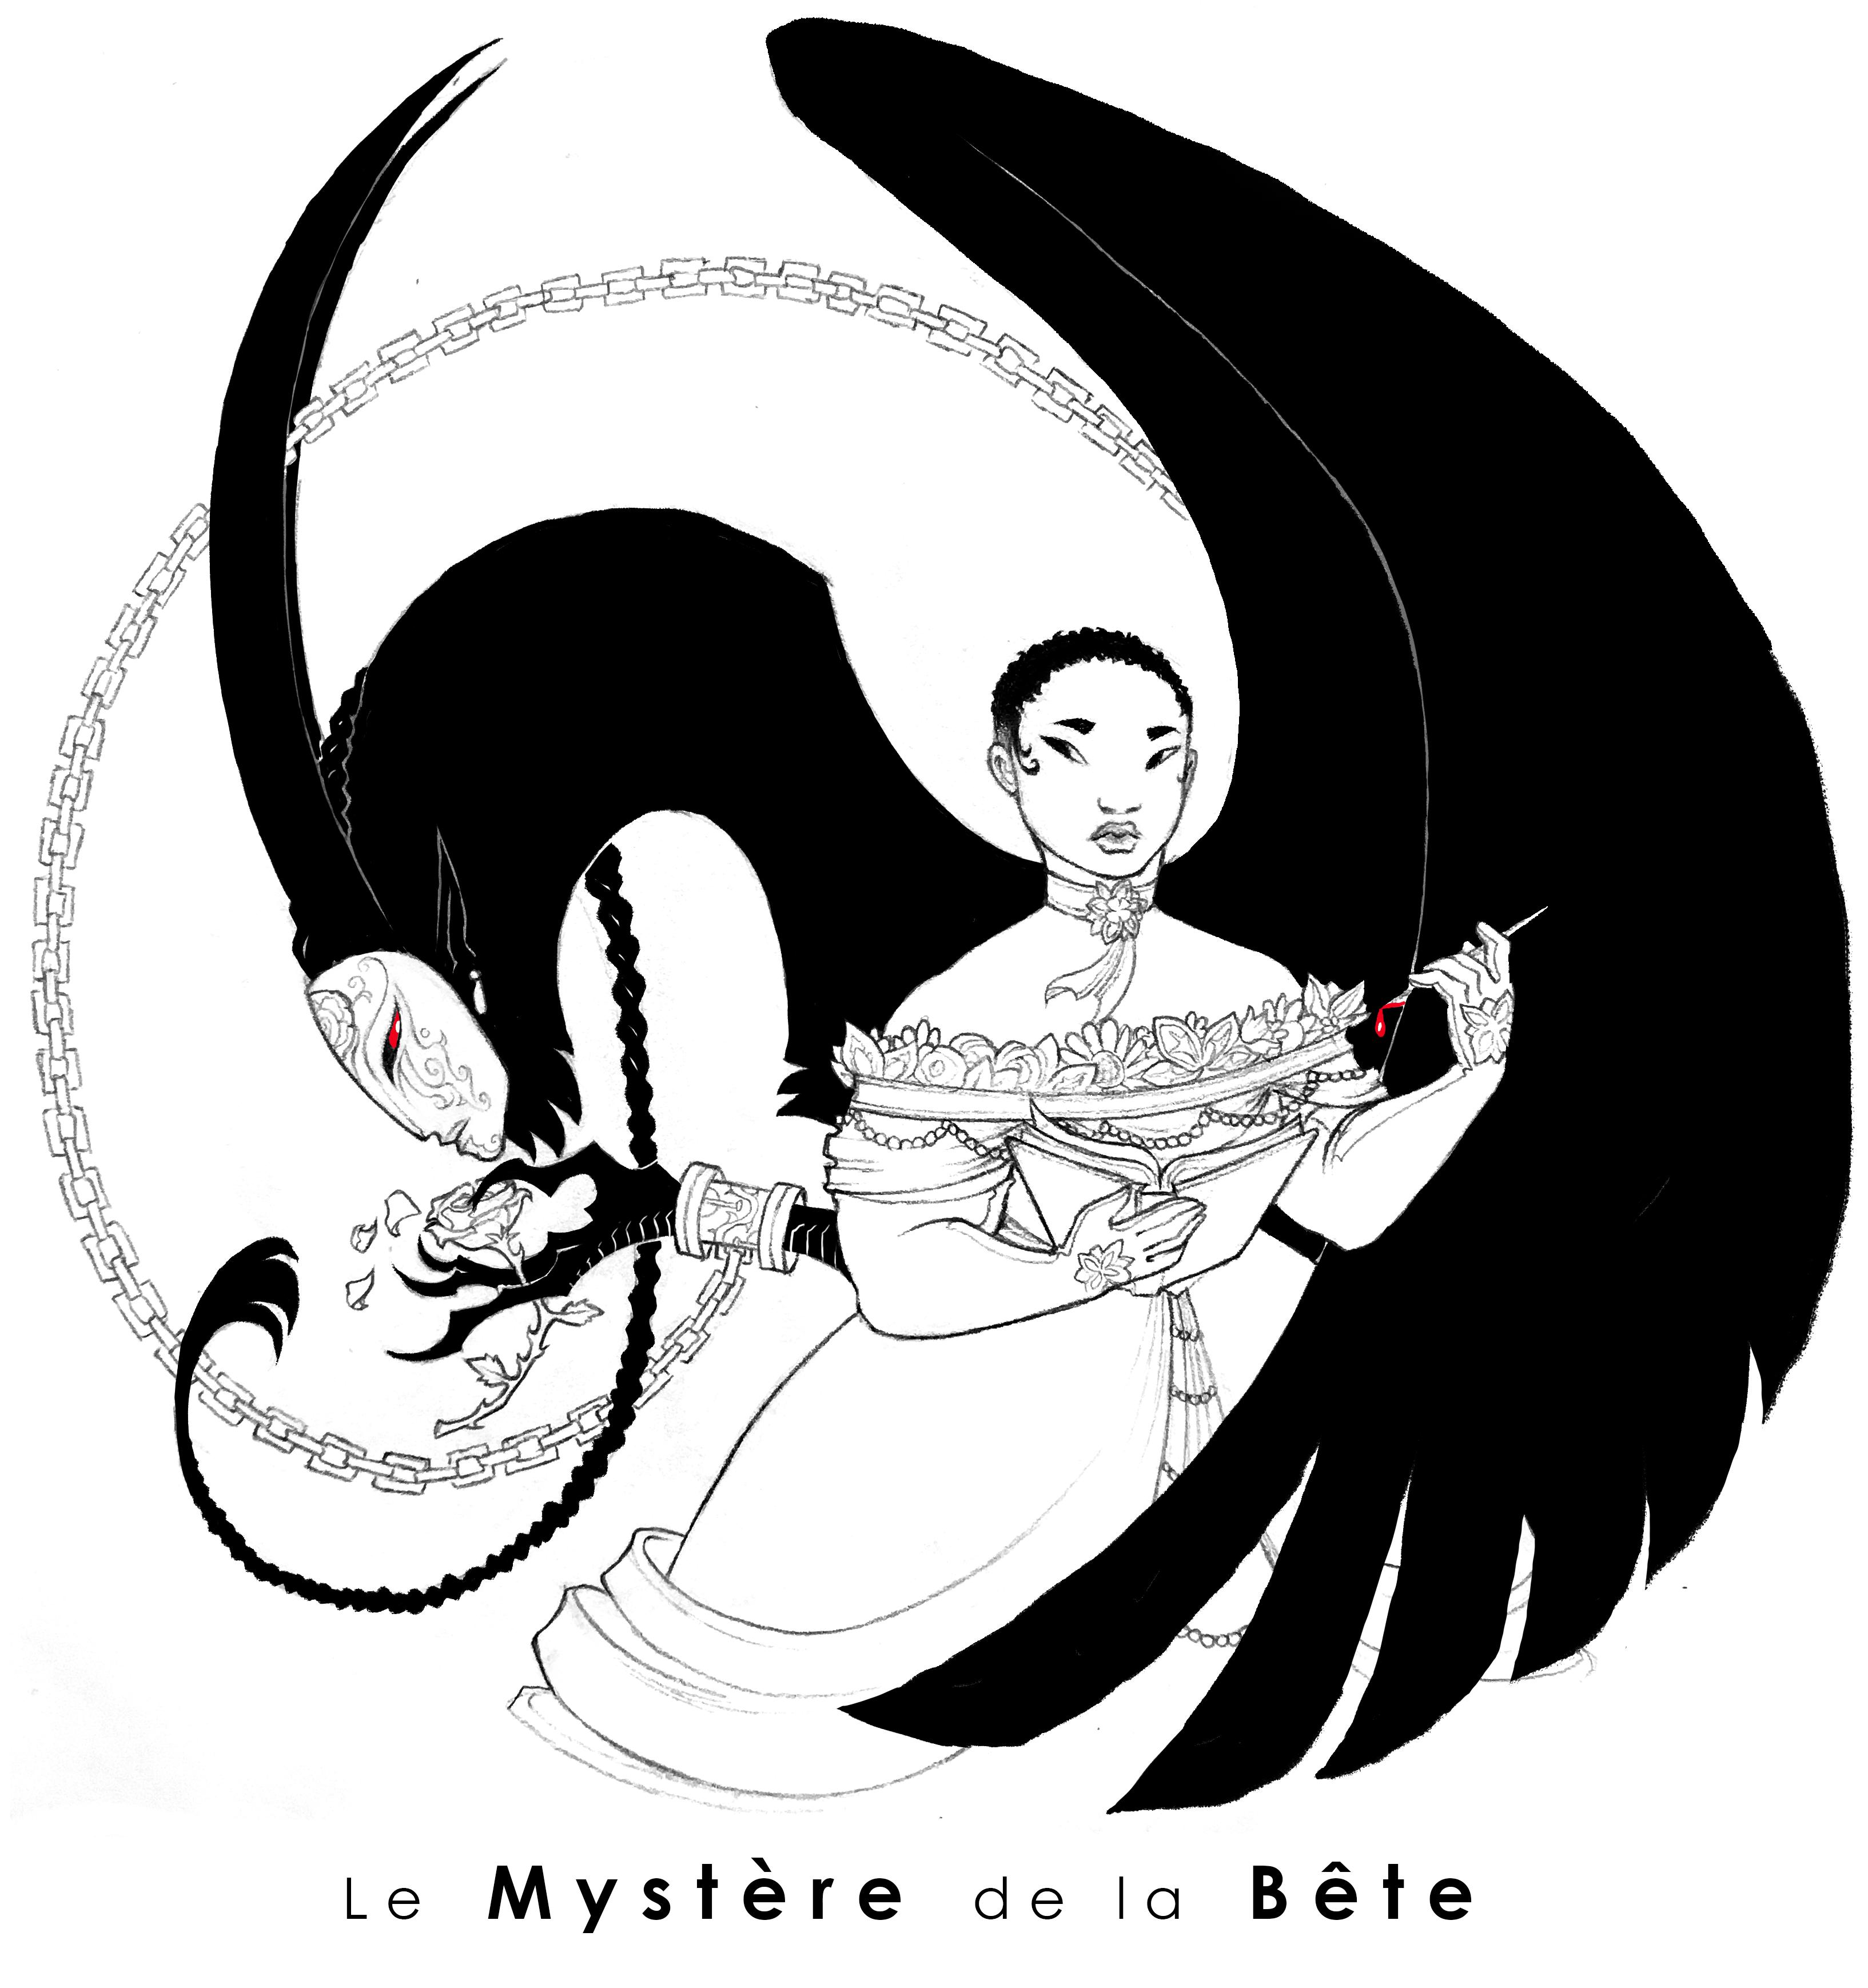 Le Mystère de la Bête (Story Demo)